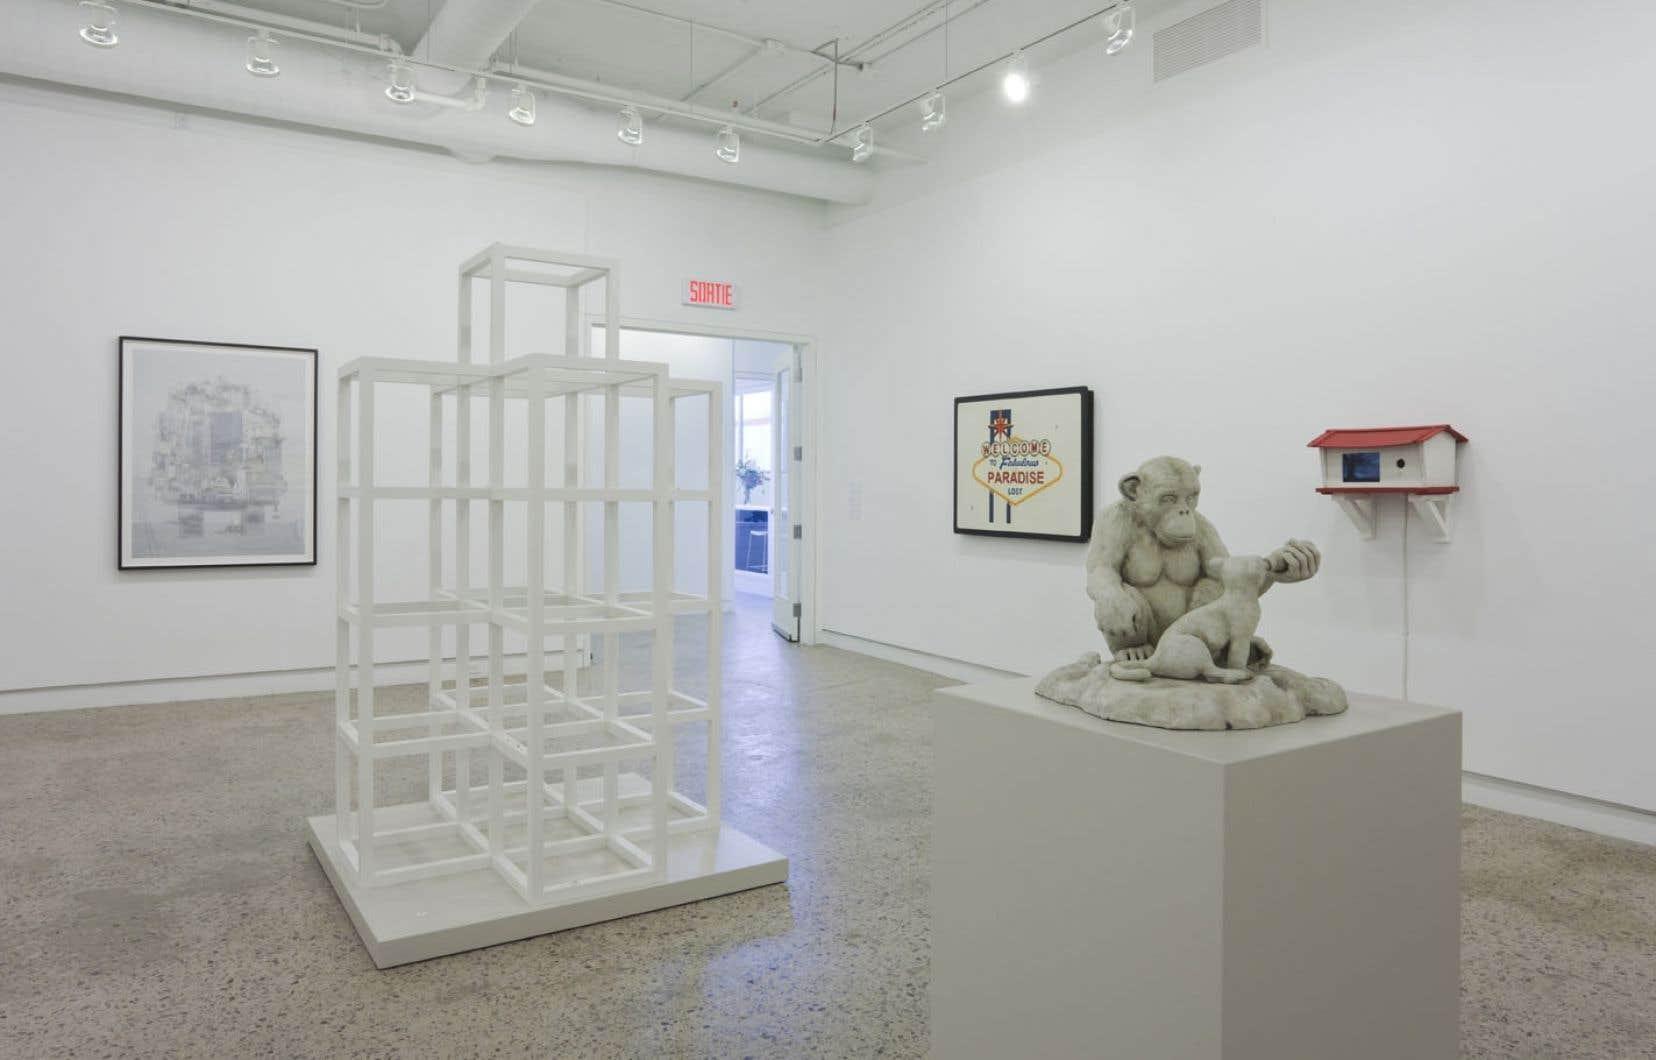 Retour à Paradise Lost est l'une des expositions inaugurales des nouveaux espaces d'Optica.